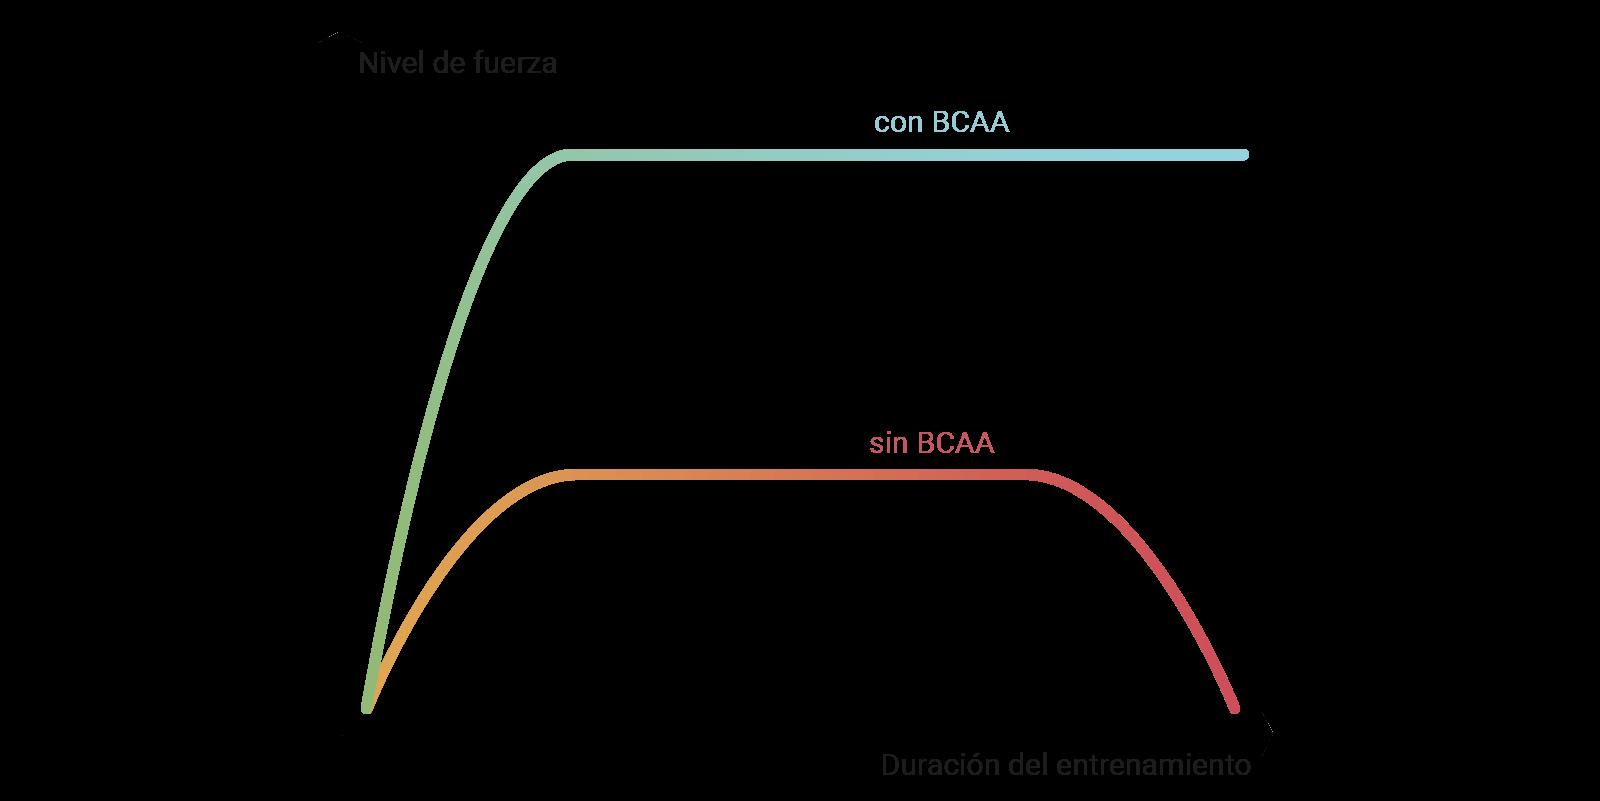 Gráfico del rendimiento con y sin BCAA